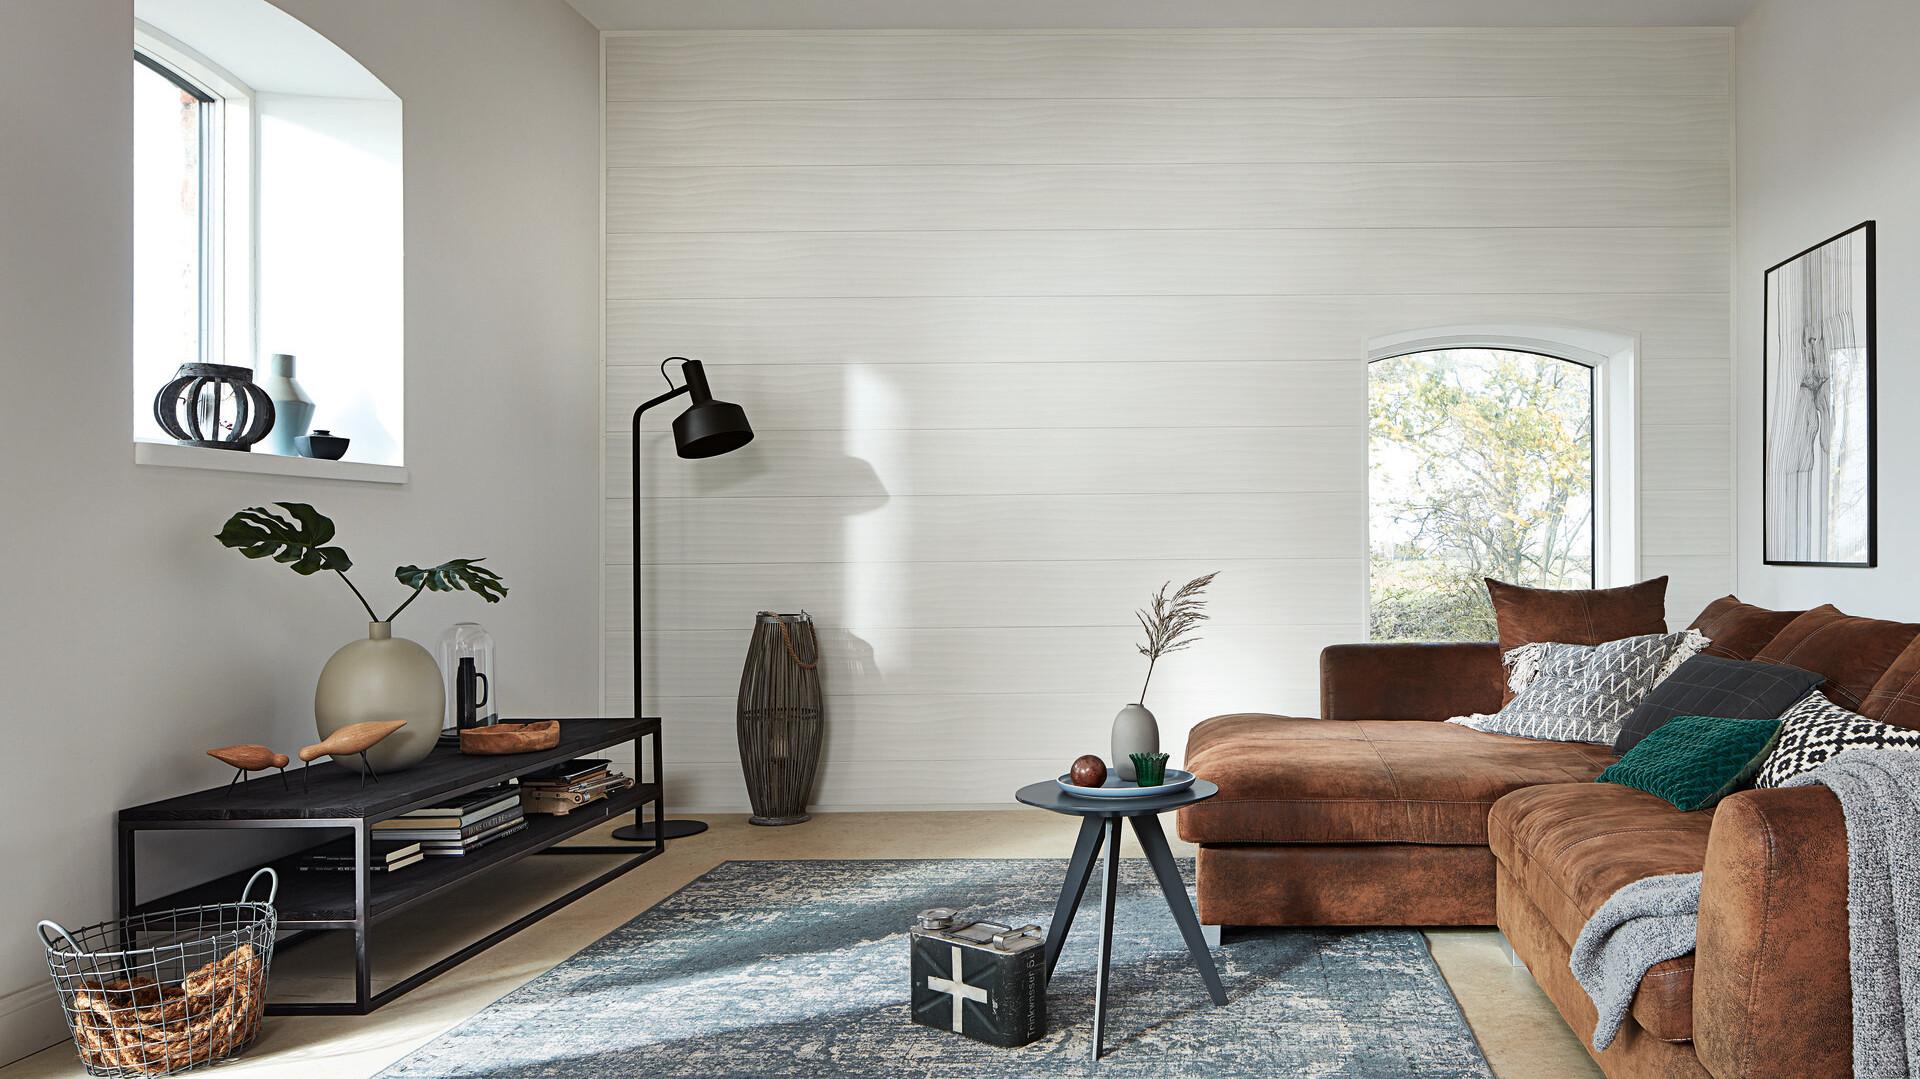 Paneele weiß als Wandverkleidung im Wohnzimmer